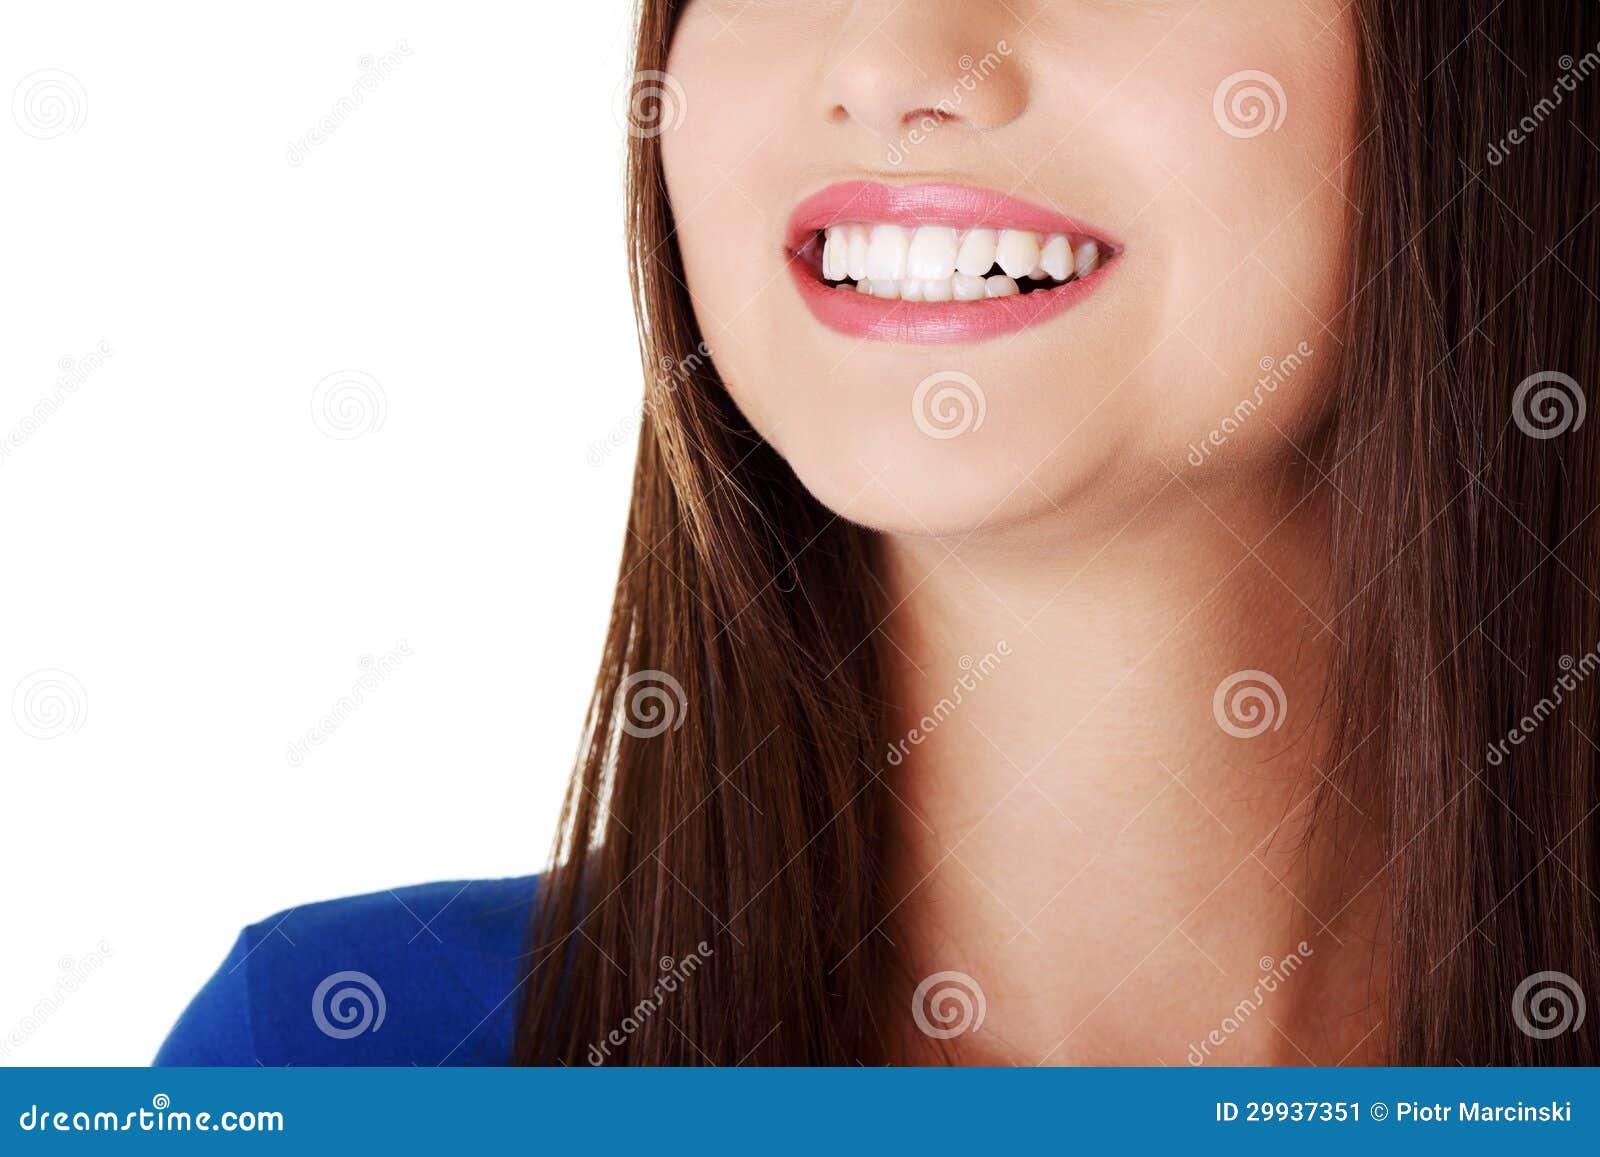 pretty cute smile of - photo #46